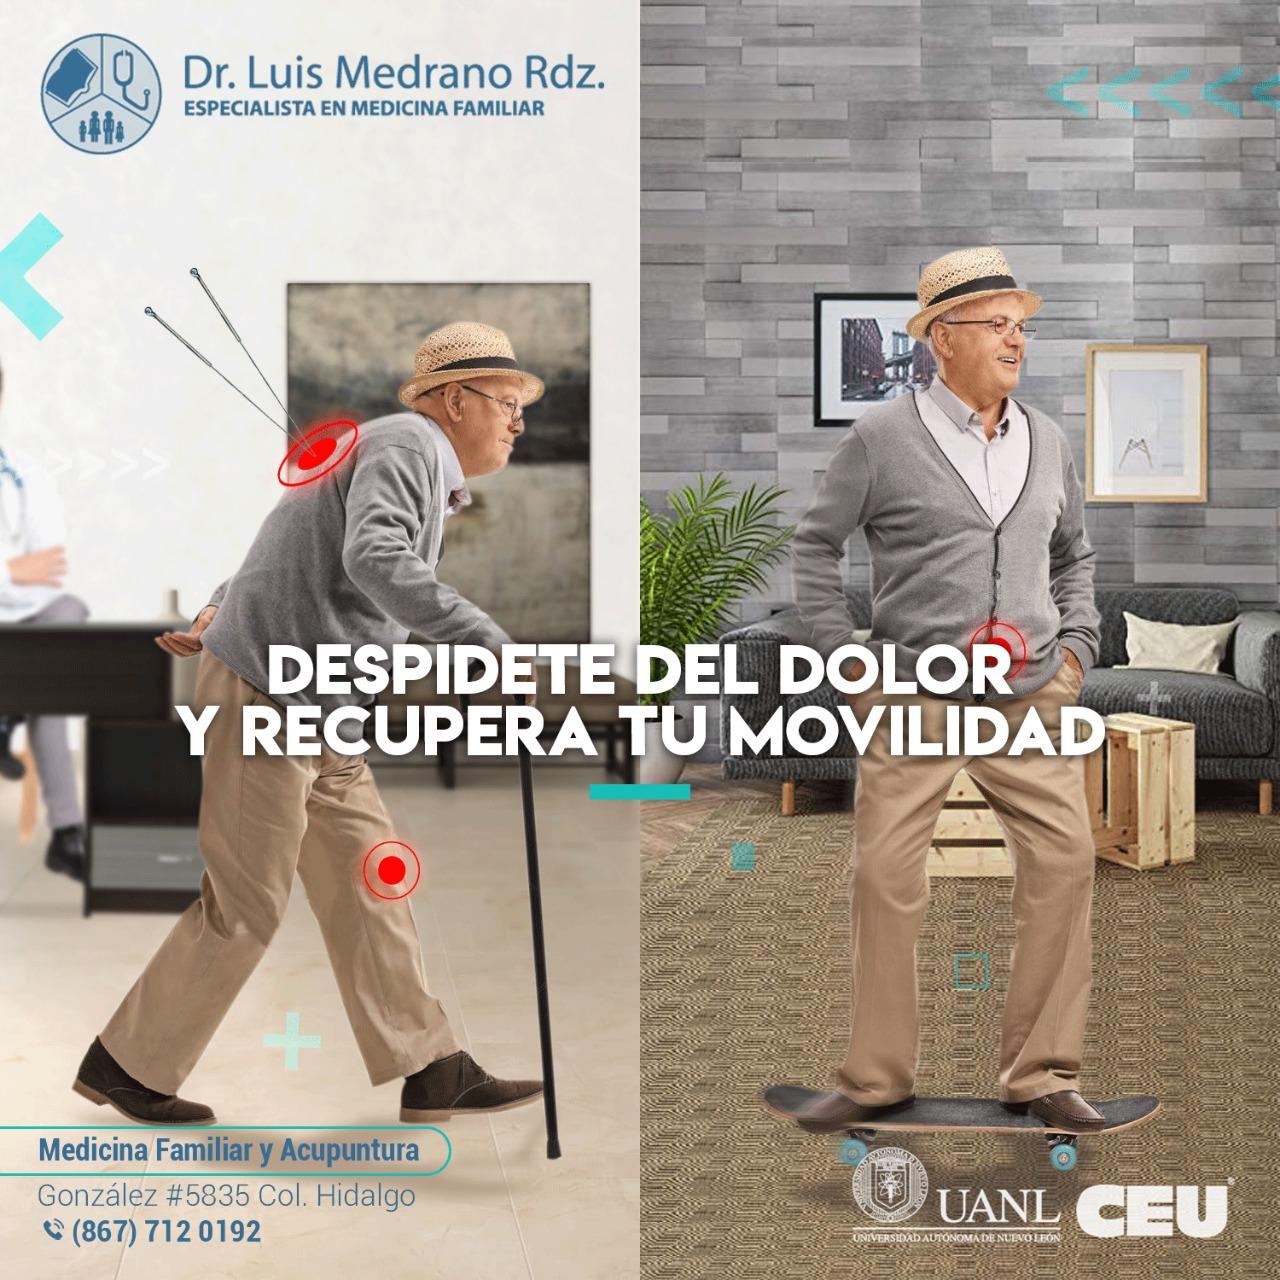 Publicidad en Redes sociales e internet Acupuntura Nuevo Laredo